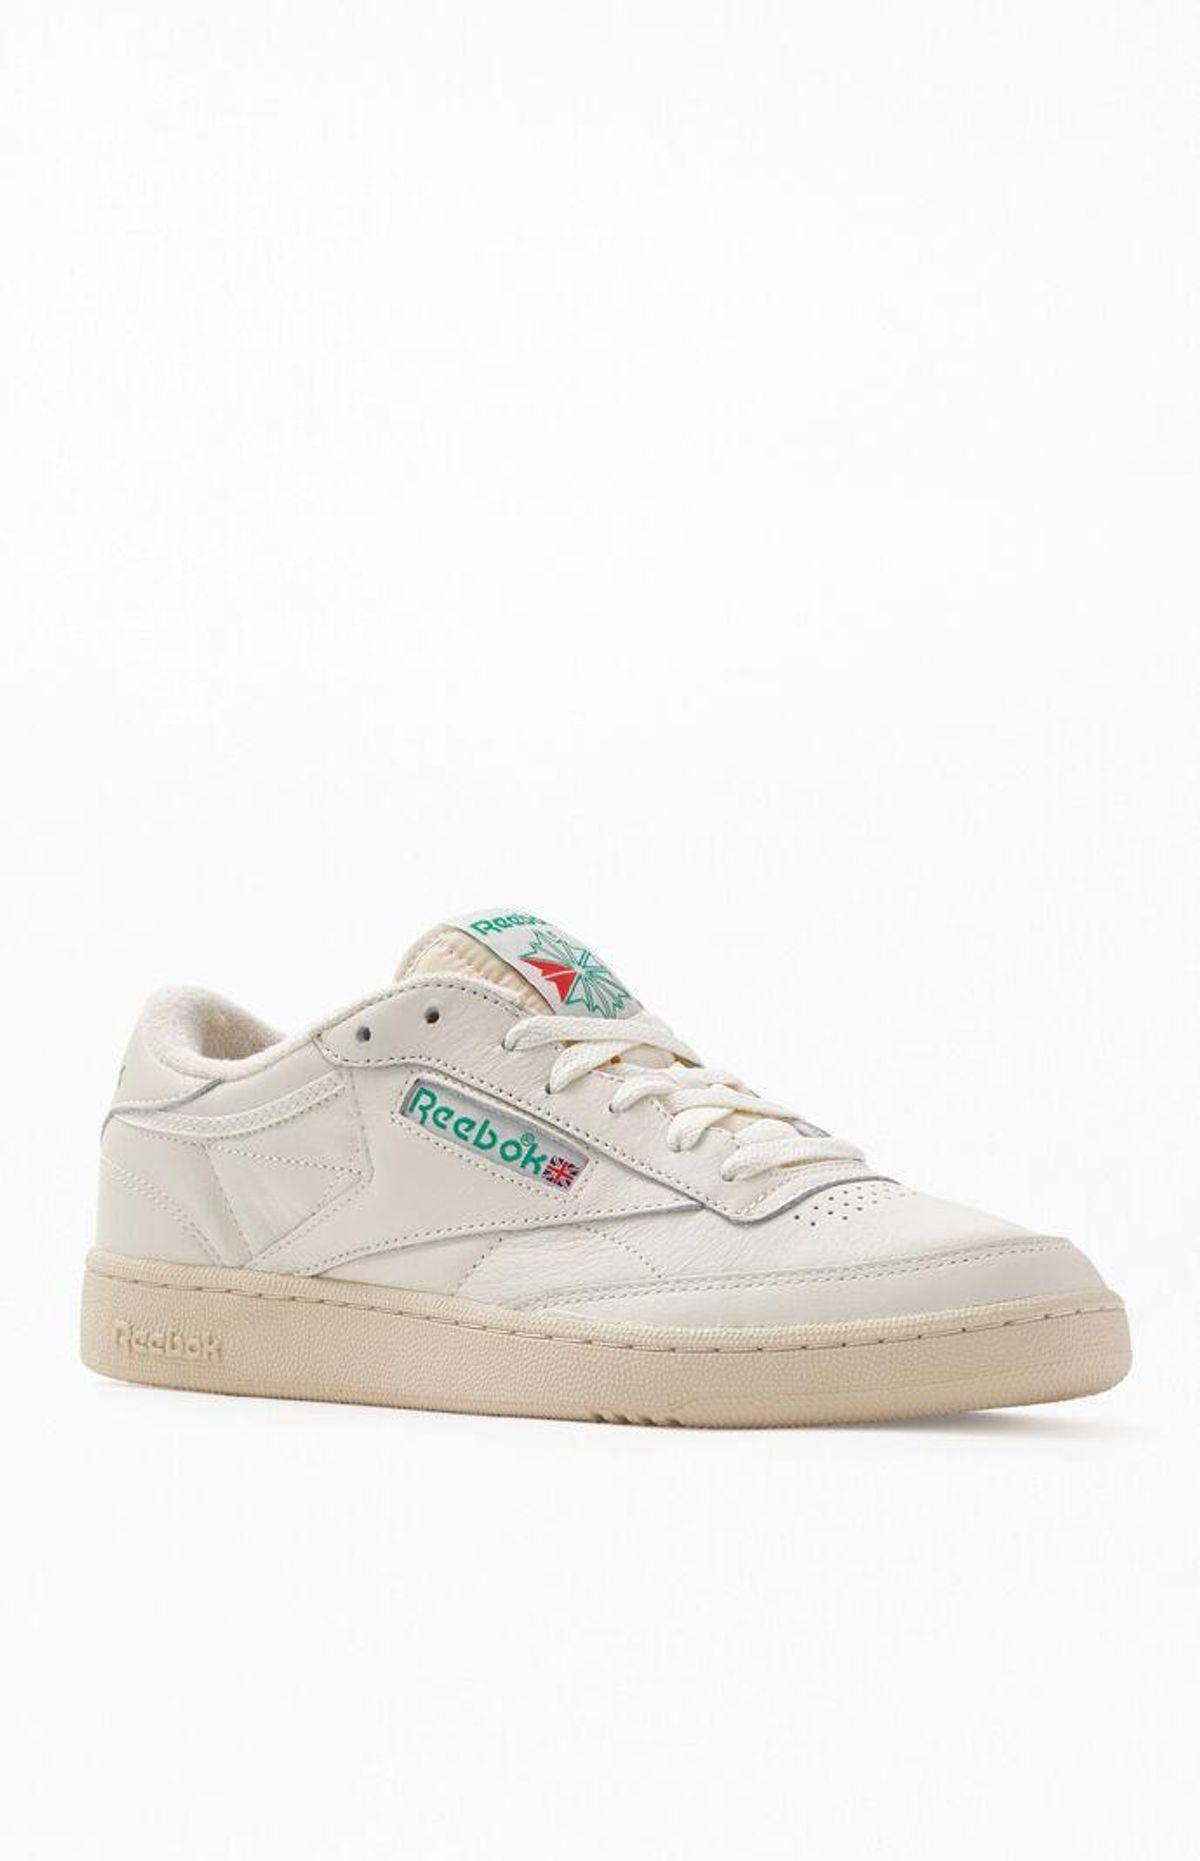 reebok off white club c 85 vintage shoes